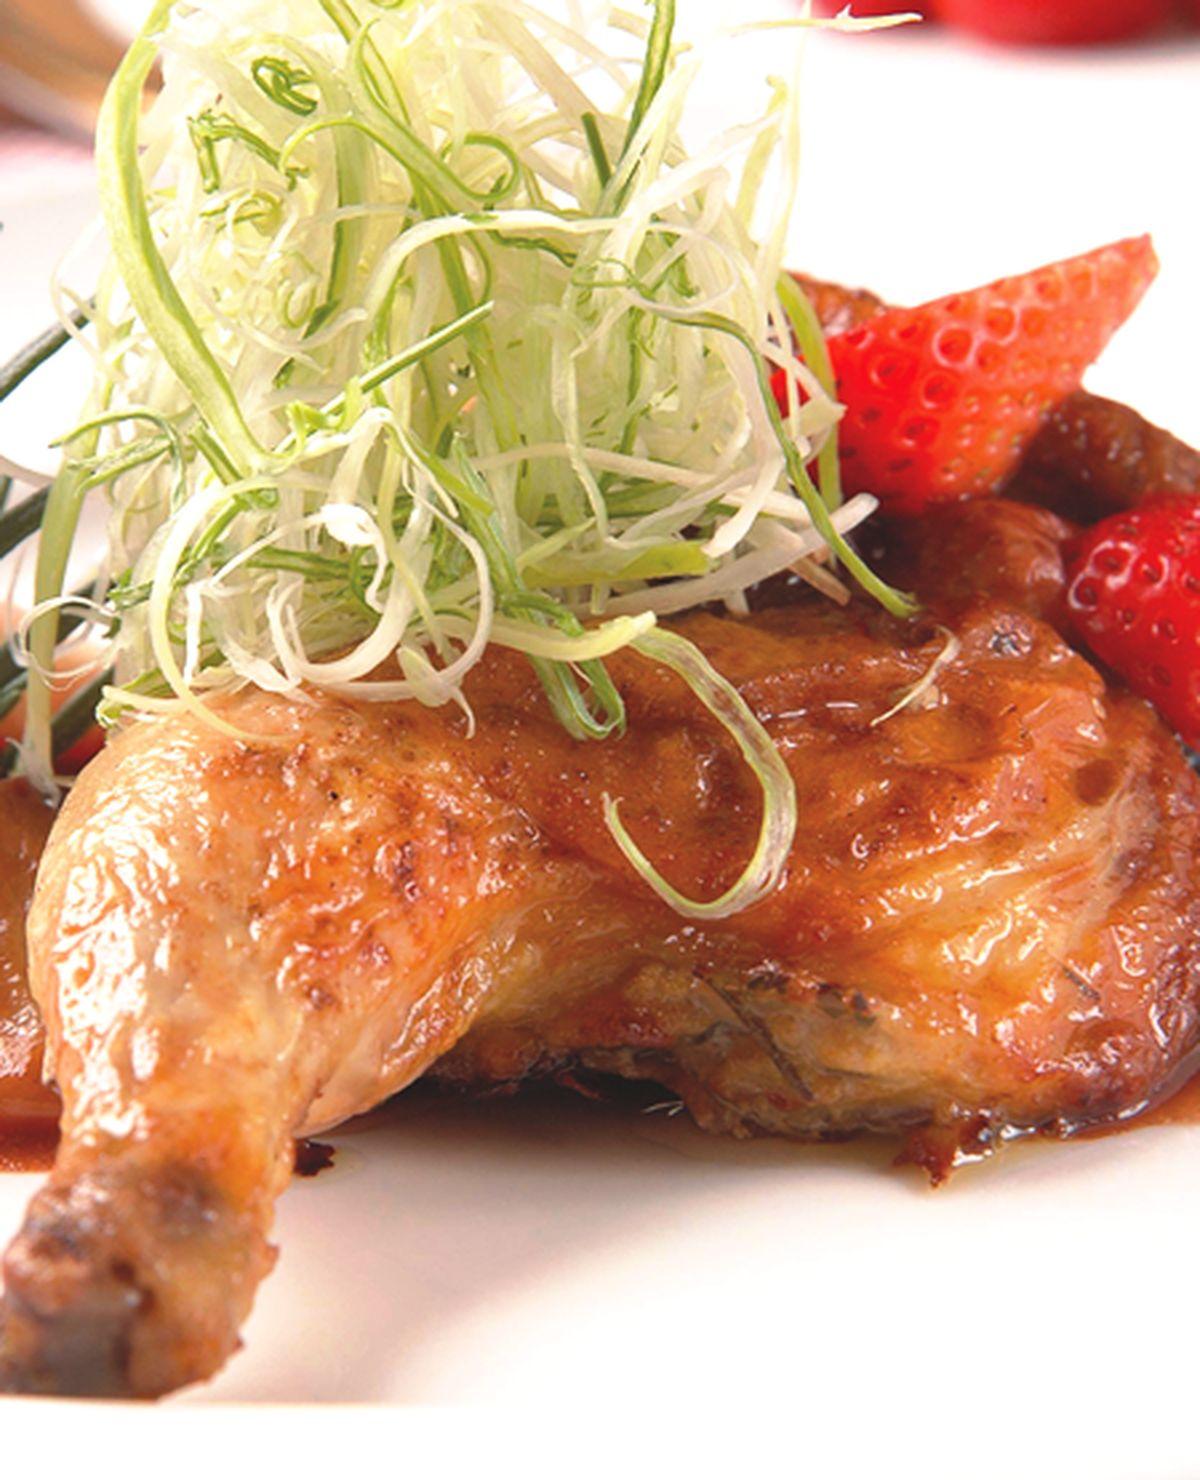 食譜:燒烤法國春雞佐紅酒蜜野莓